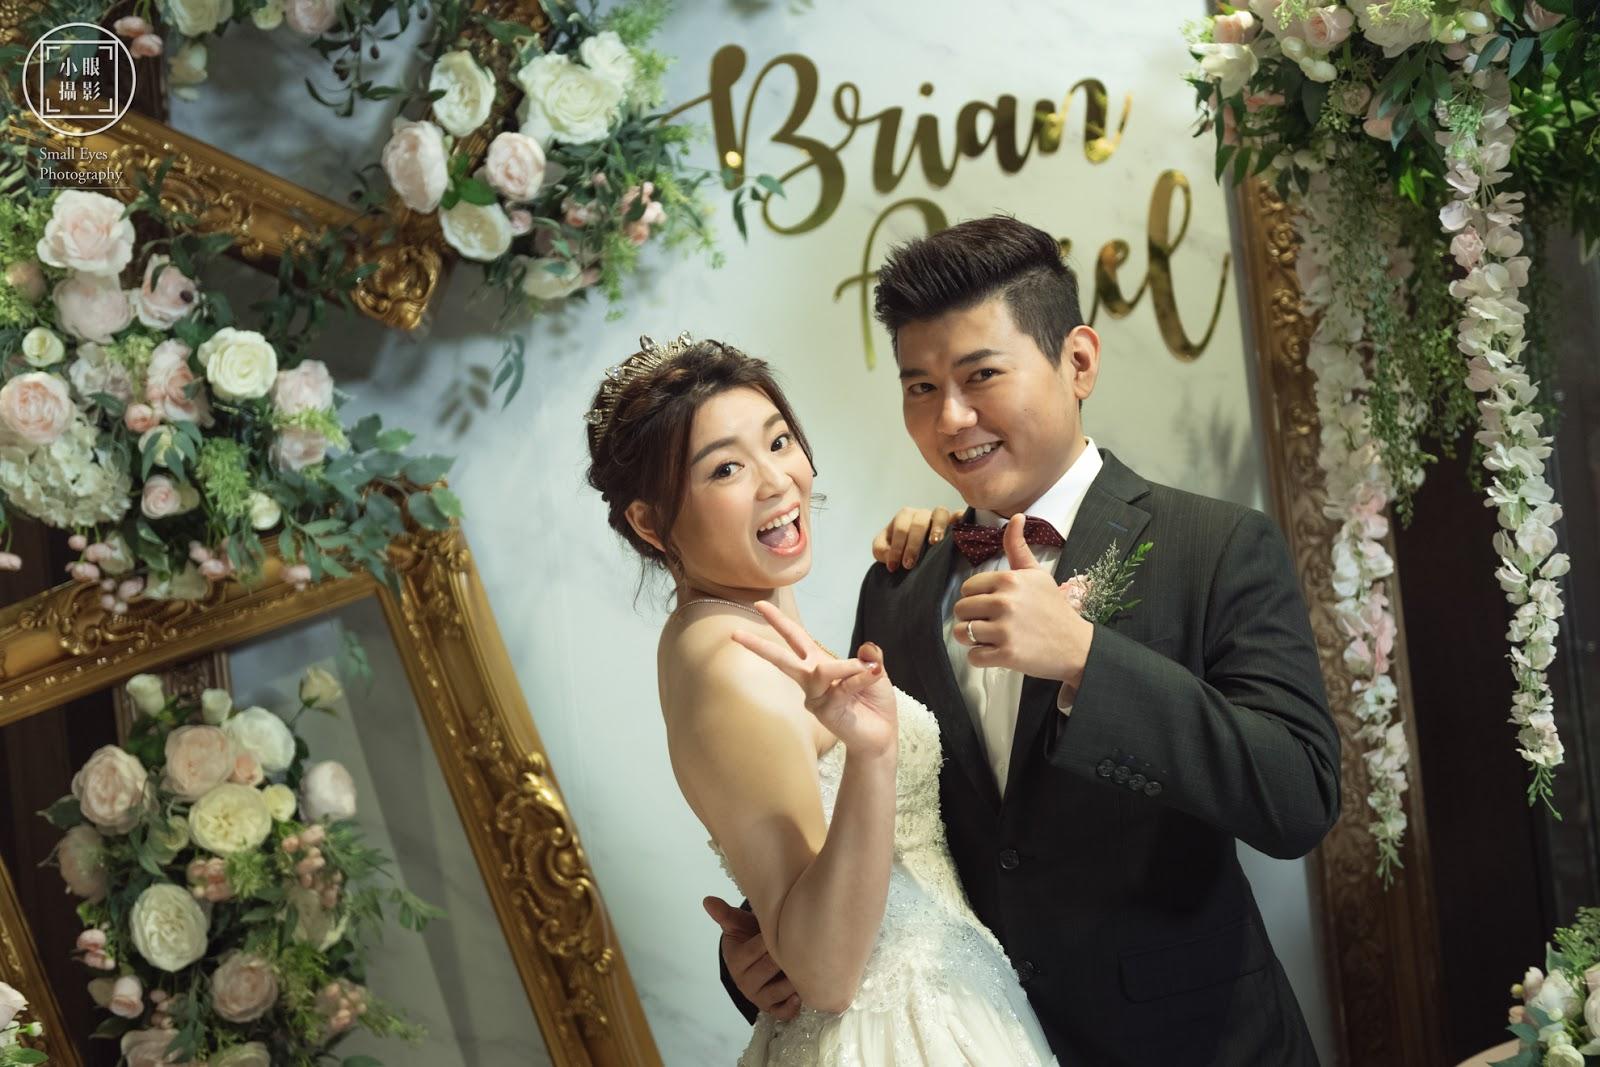 婚攝,小眼攝影,婚禮紀實,婚禮紀錄,婚紗,國內婚紗,海外婚紗,寫真,婚攝小眼,台北,圓山,頤品大飯店,自主婚紗,自助婚紗